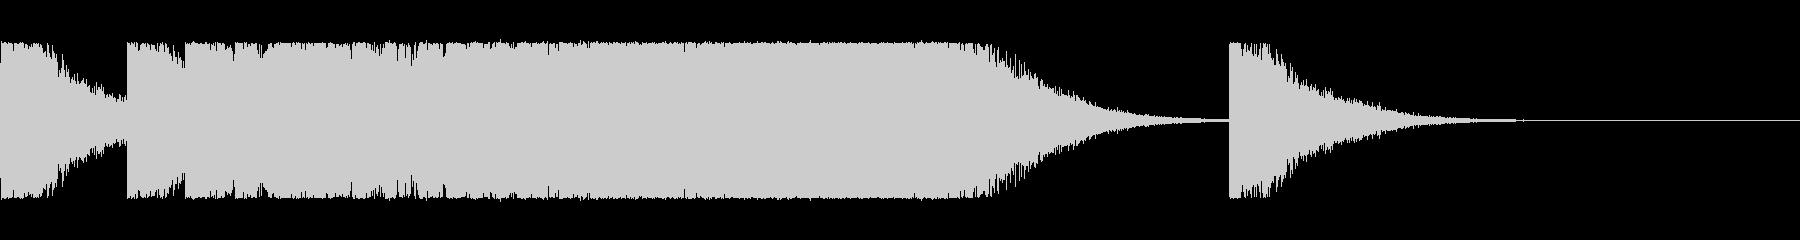 チャイナ、ゴング、速くなっていく鐘の未再生の波形